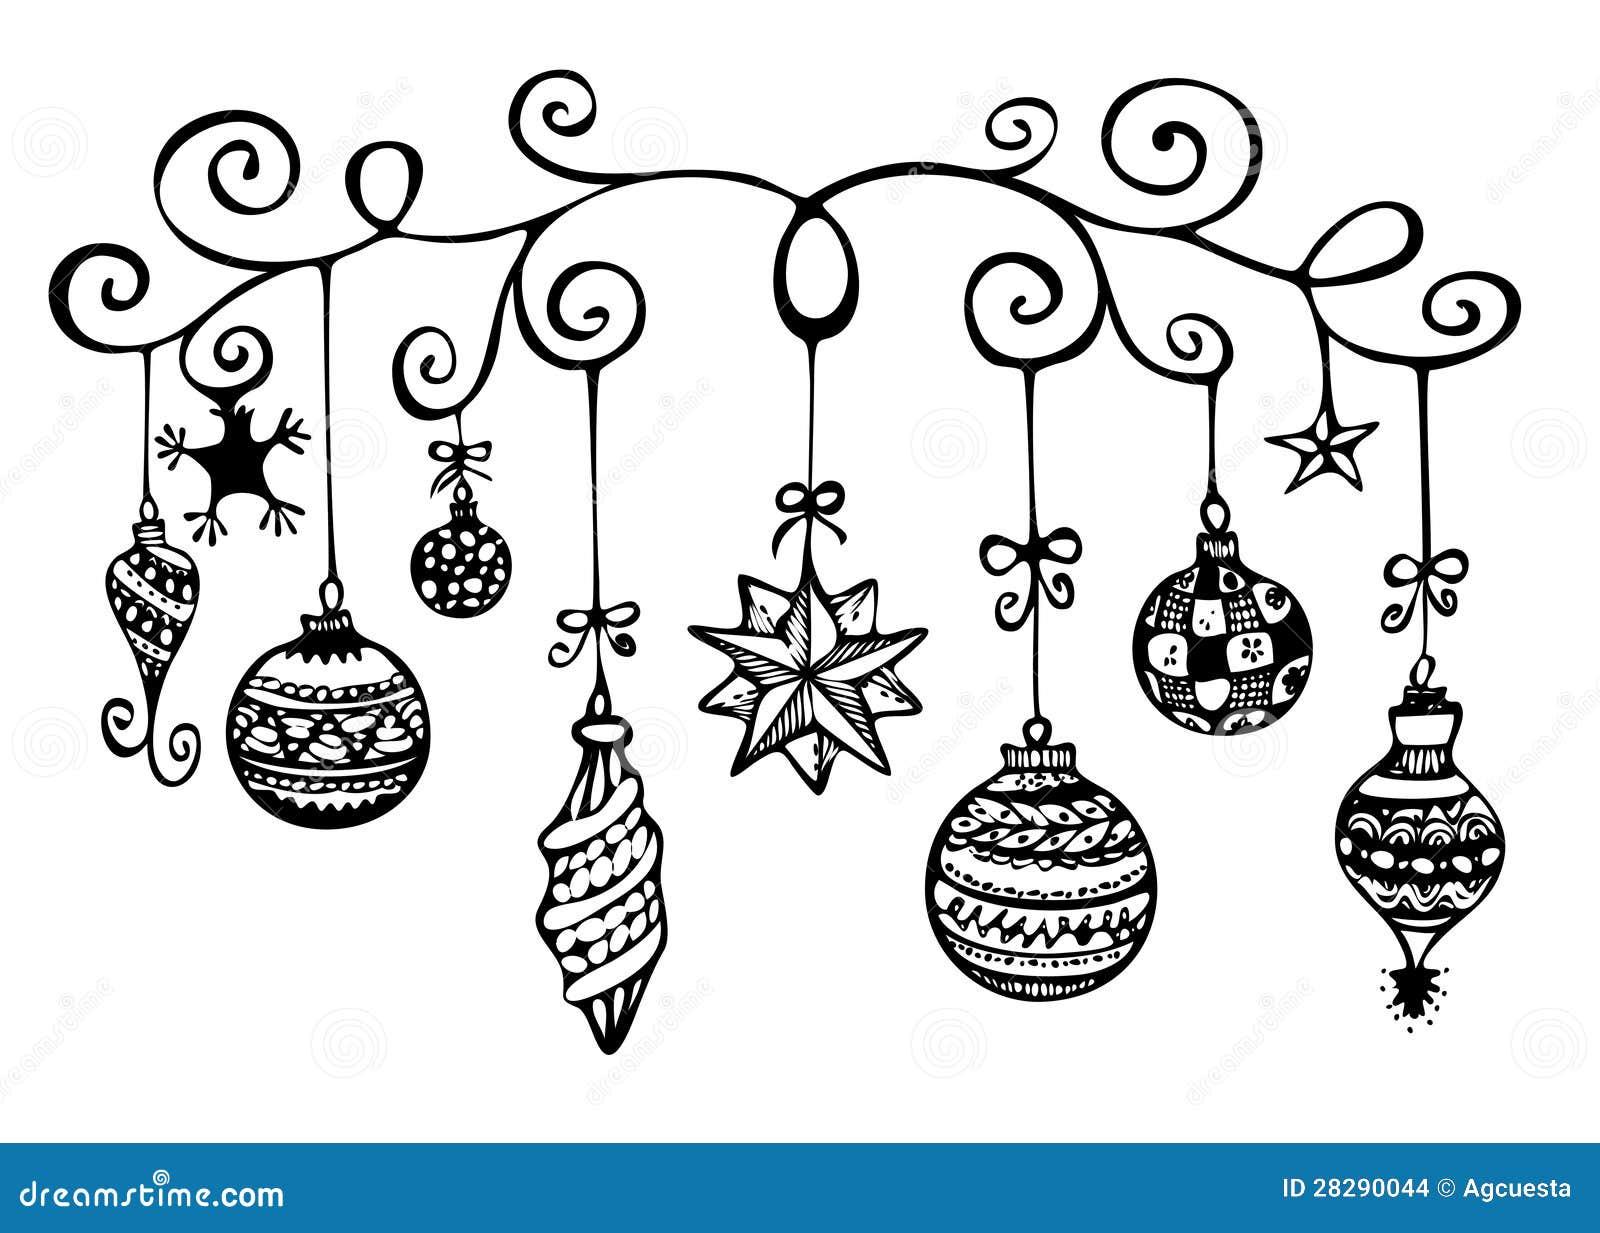 Weihnachten Verziert Skizze Stock Abbildung - Illustration von ...